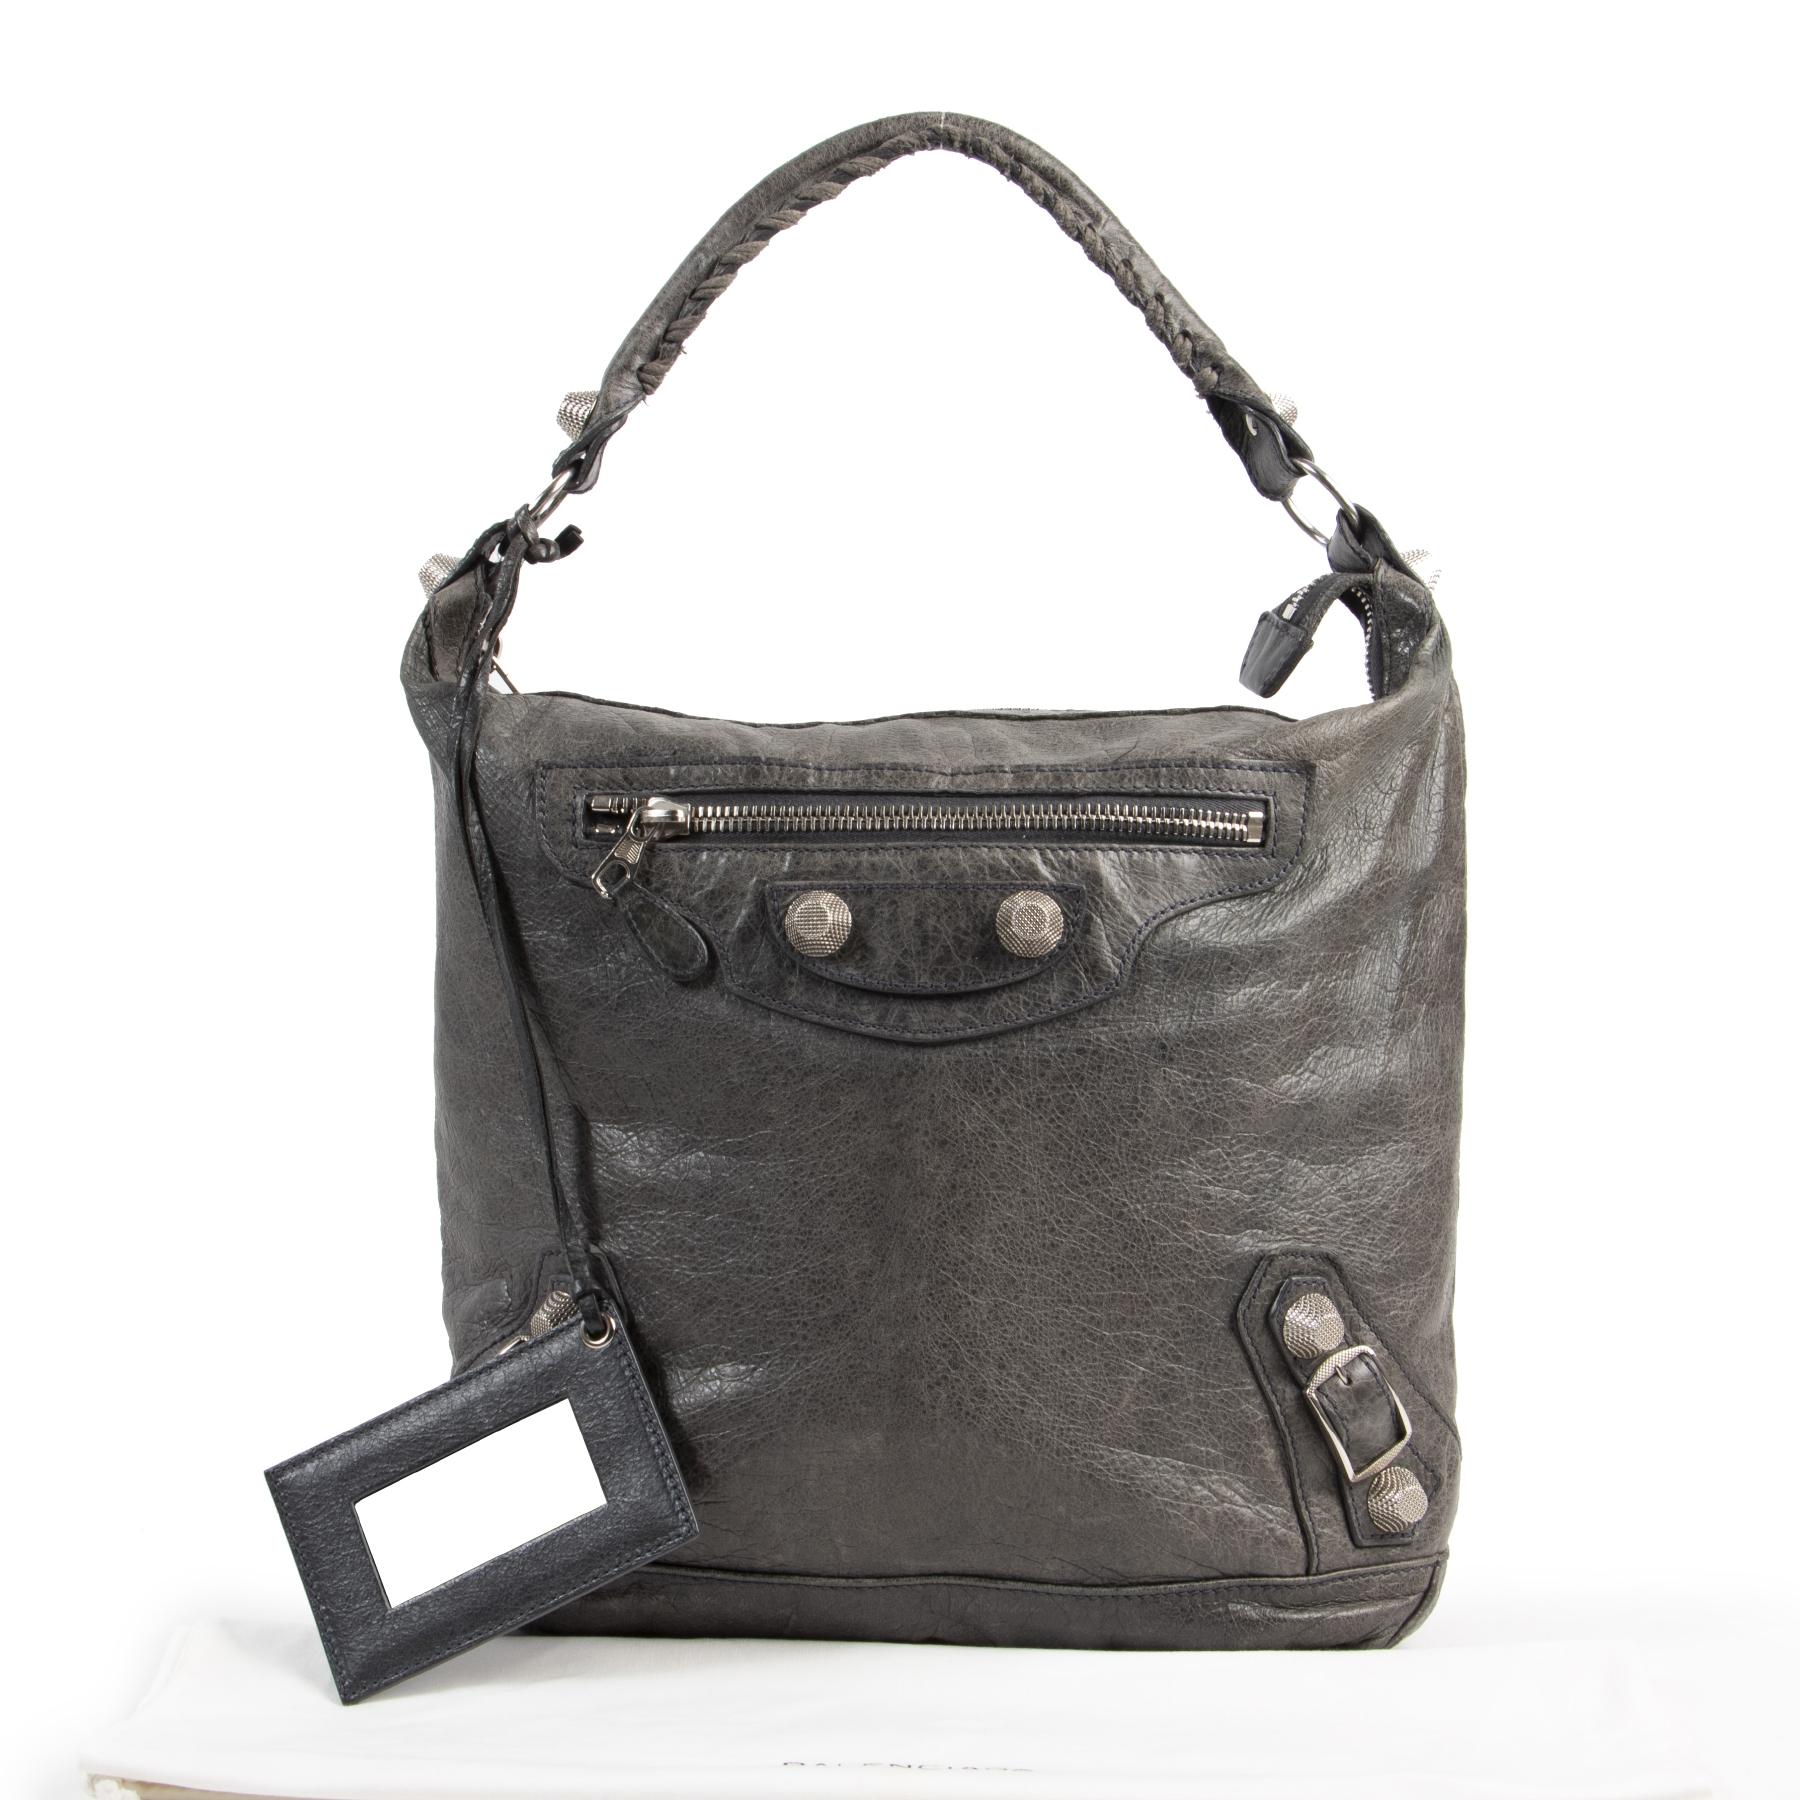 Balenciaga Grey Day Bag kopen aan de beste prijs bij Labellov tweedehands luxe